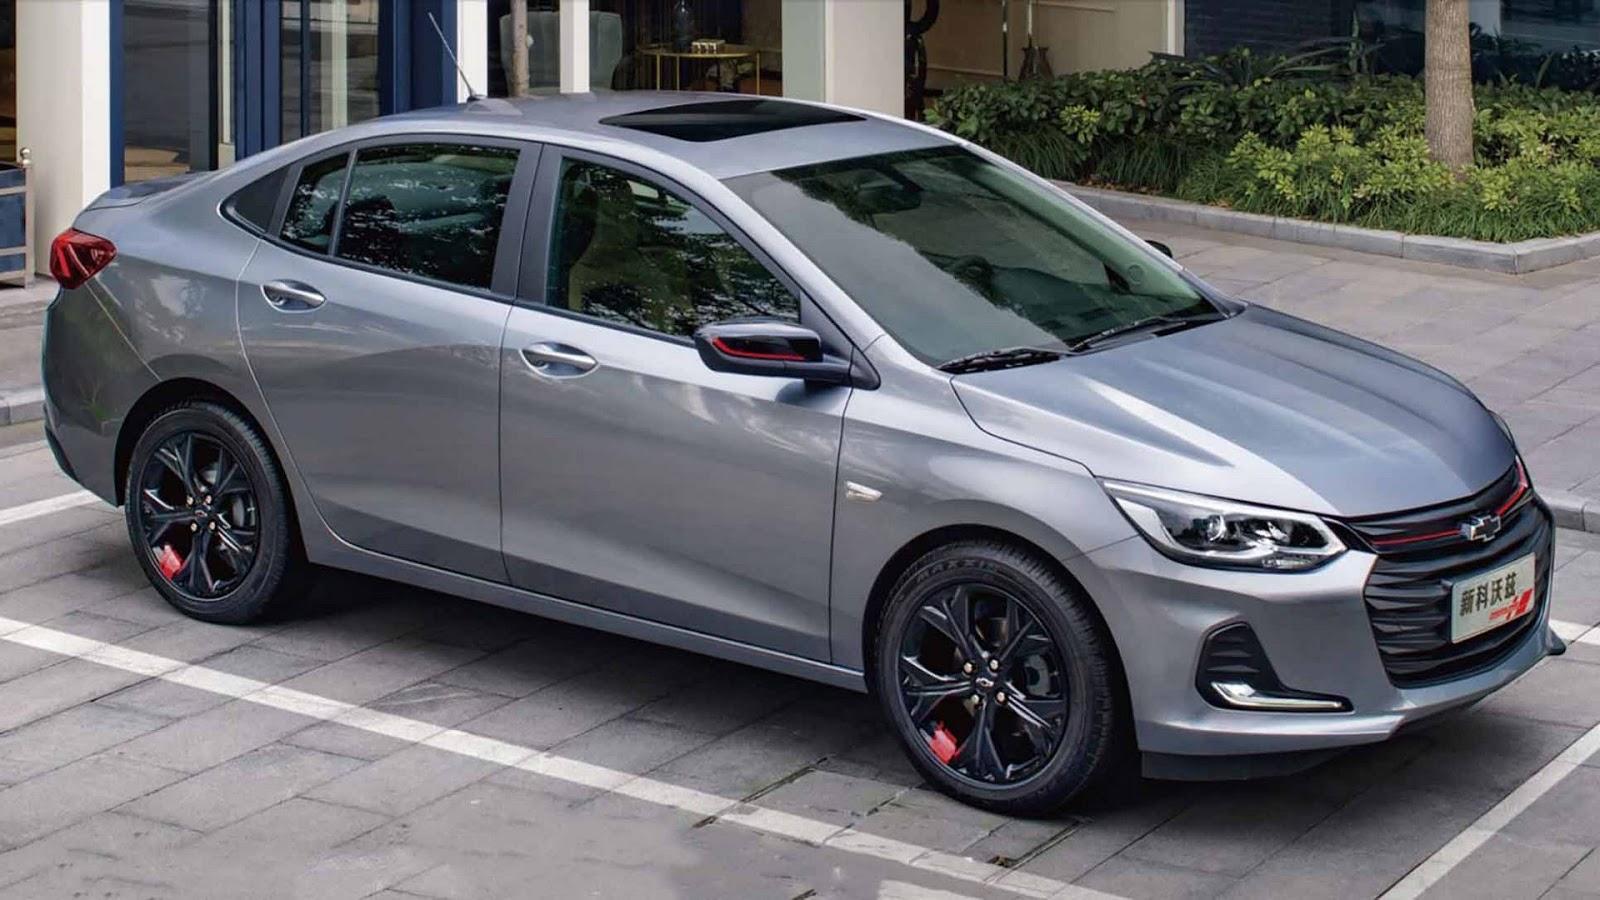 Chevrolet Prisma 2020 Detalhes E Interior Revelados Automodiaboli